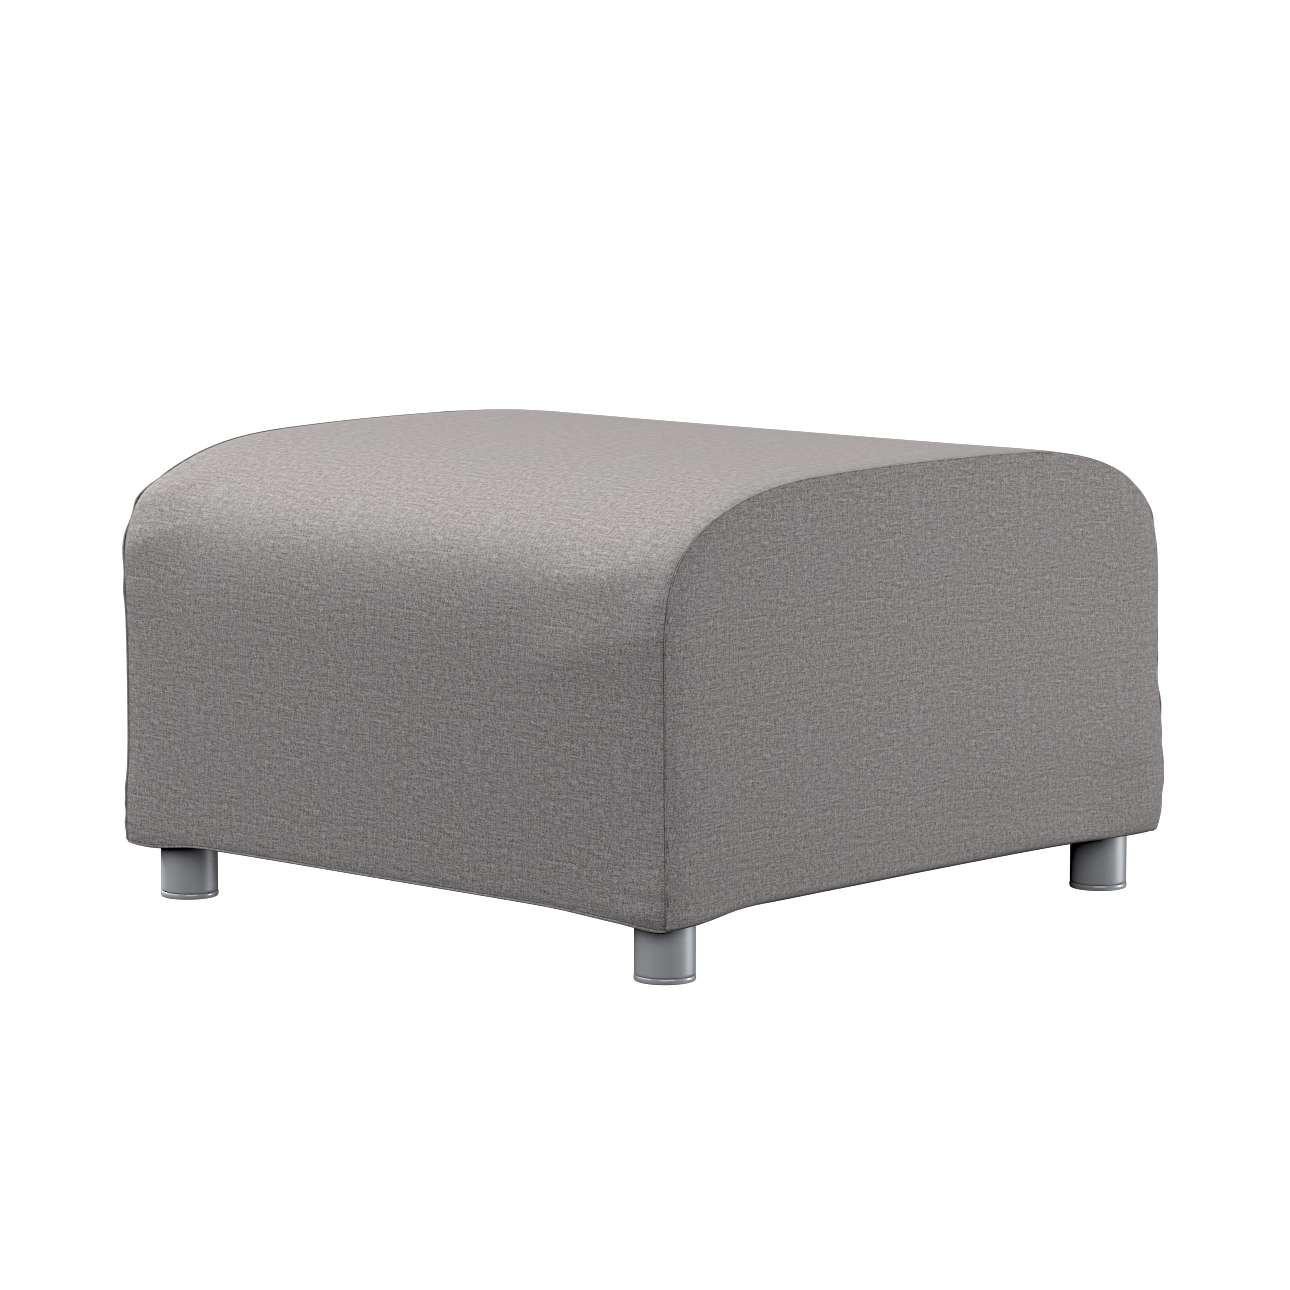 KLIPPAN pufo užvalkalas Klippan footstool cover kolekcijoje Edinburgh , audinys: 115-81